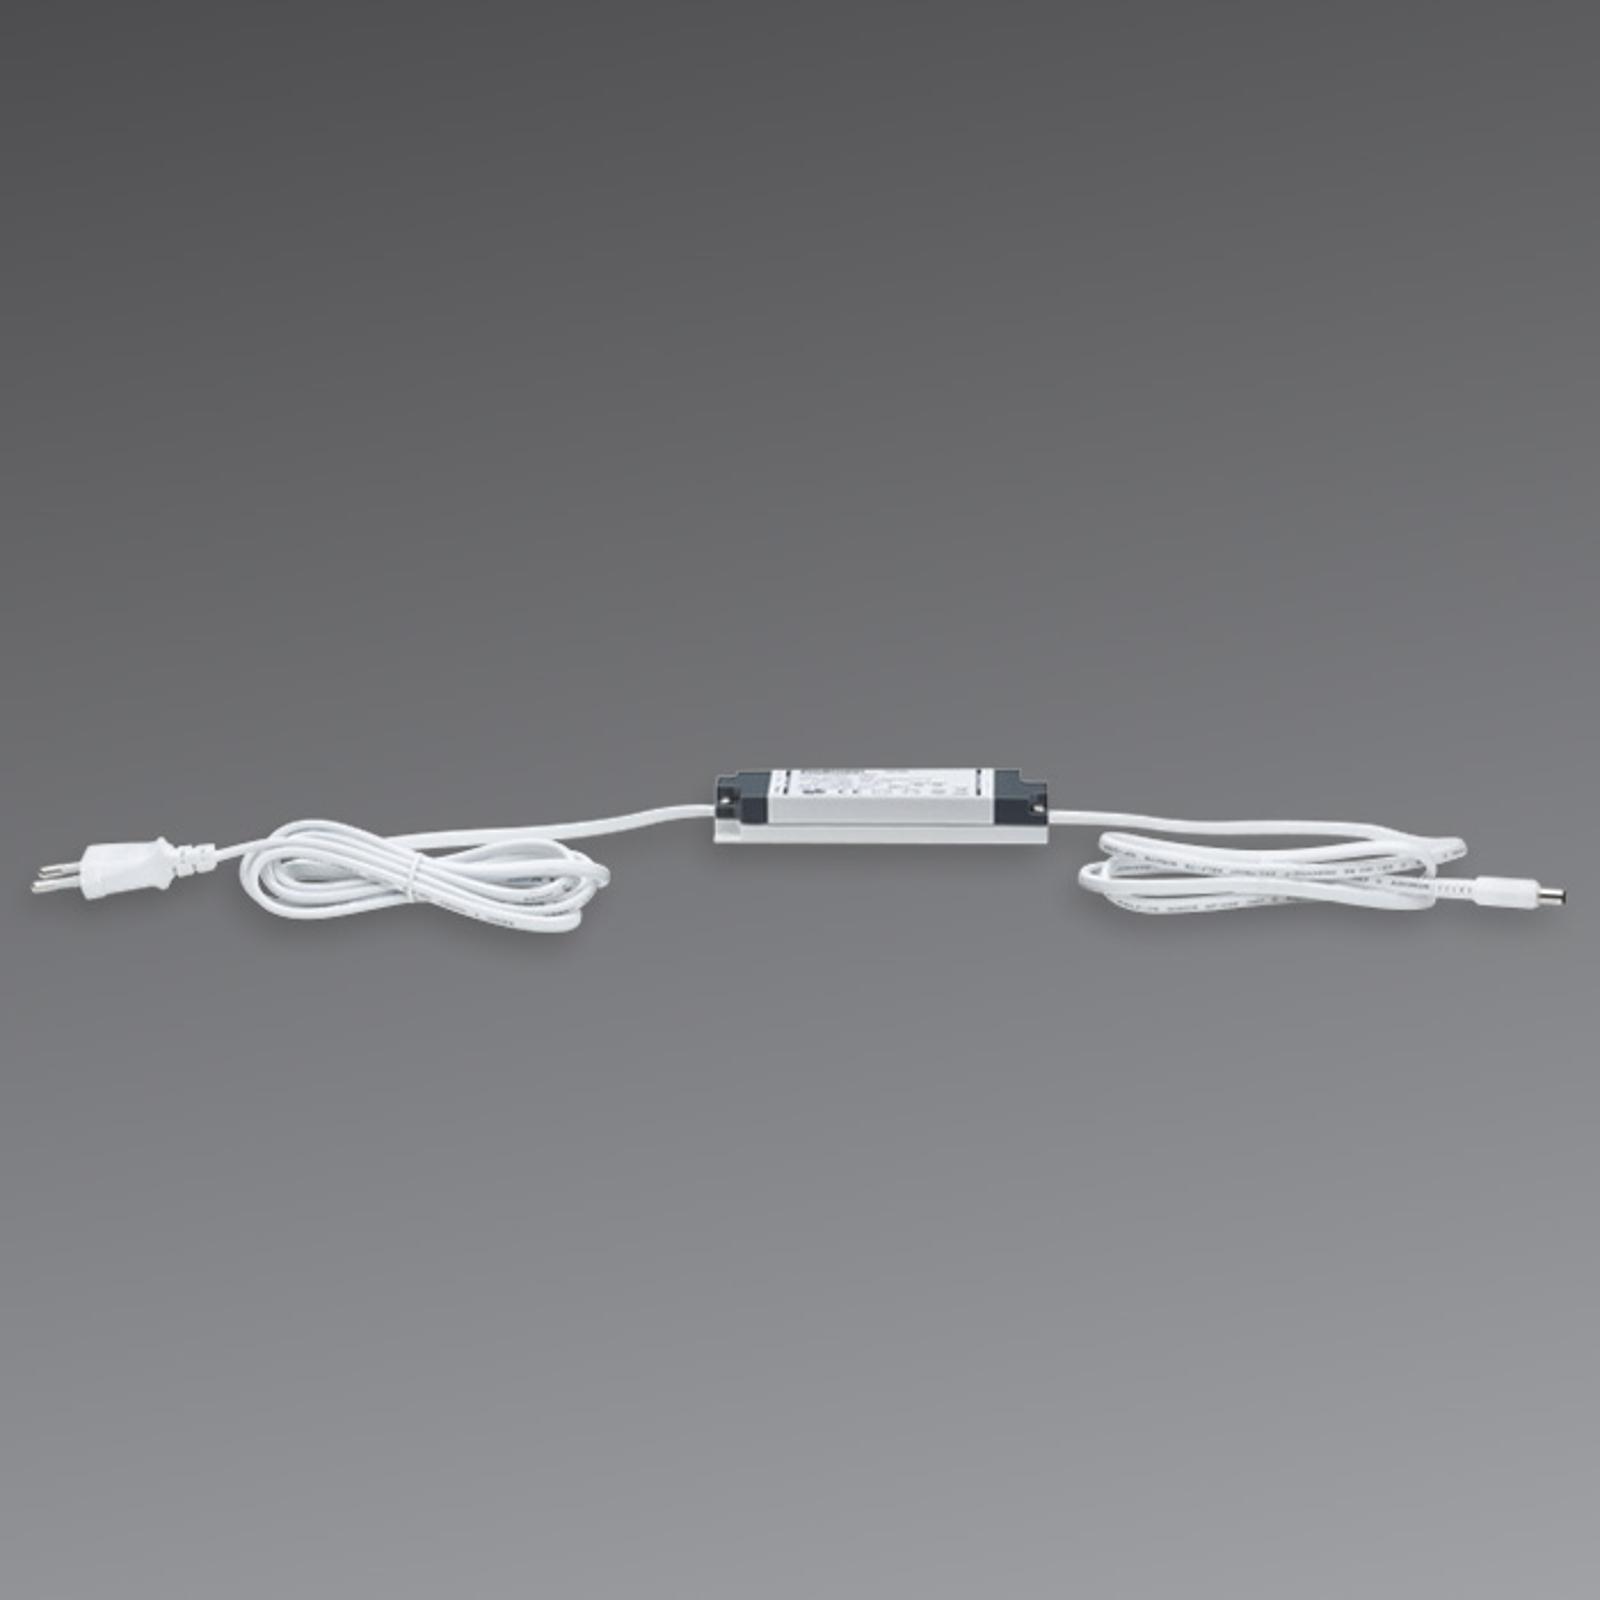 Bloc d'alimentation spéc. LED pour bandes Your LED